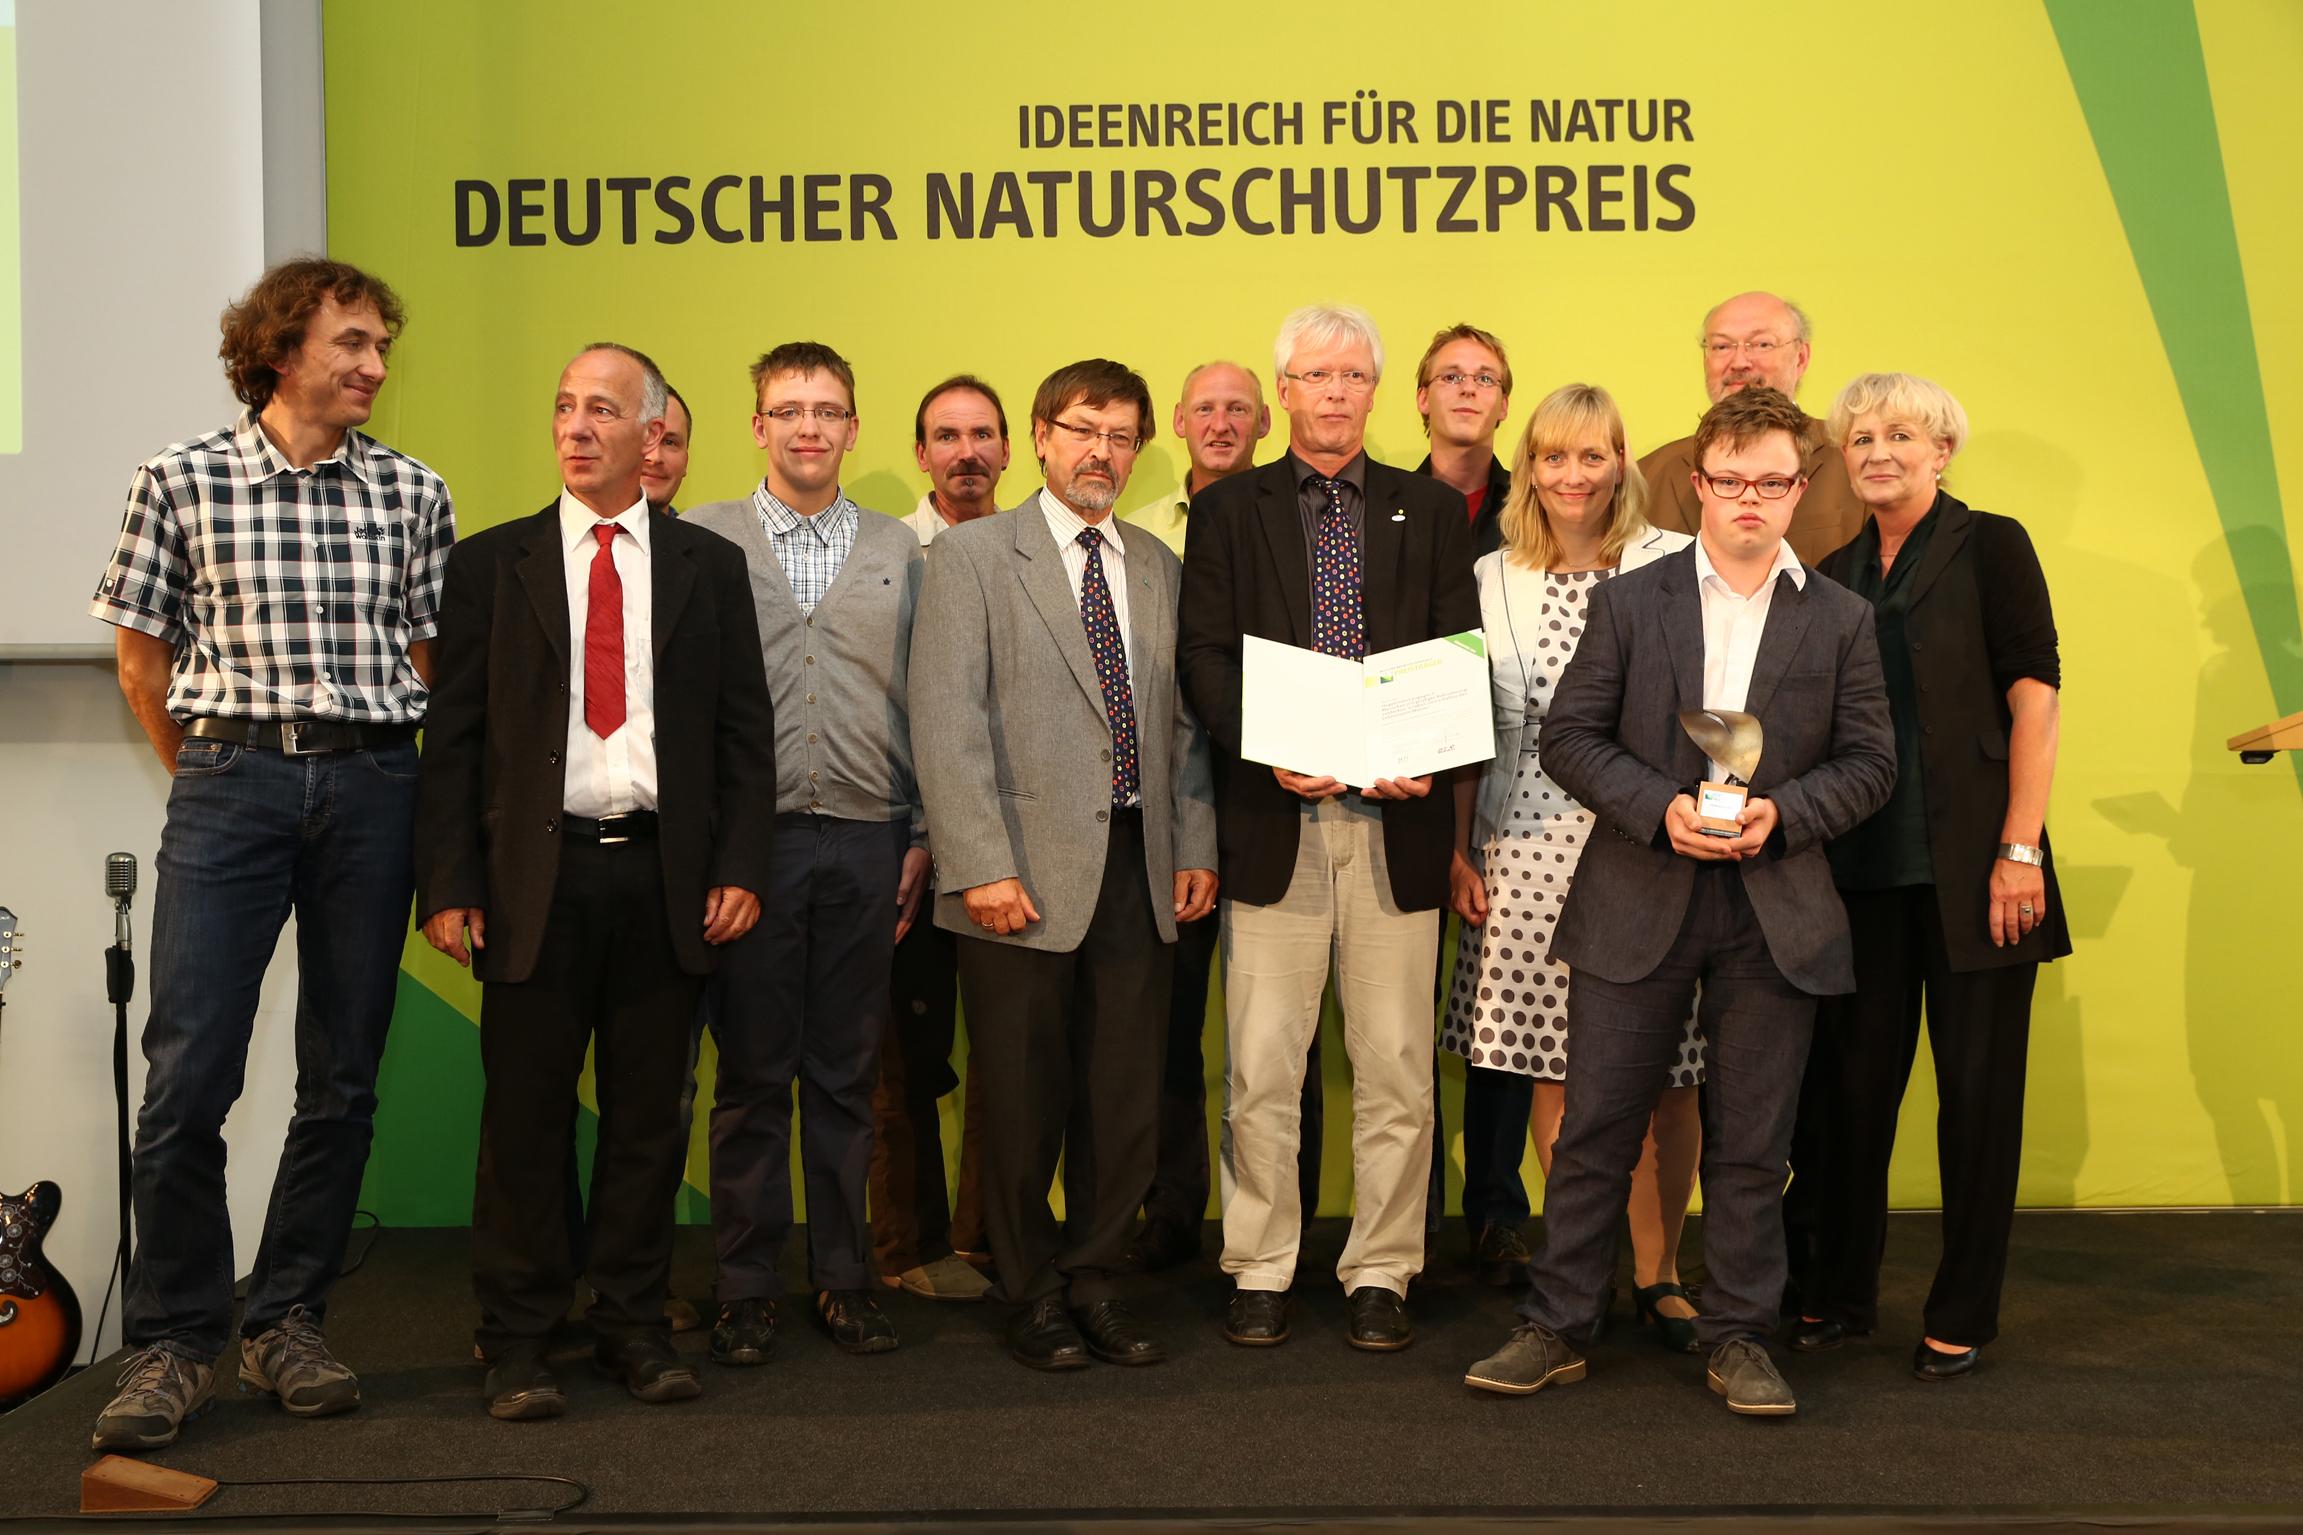 Die Projektpartner bei der Verleihung des Deutschen Naturschutzpreises mit Laudator Prof. Manfred Niekisch, Christian Brandt und Prof. Beate Jessel © Bundesamt für Naturschutz